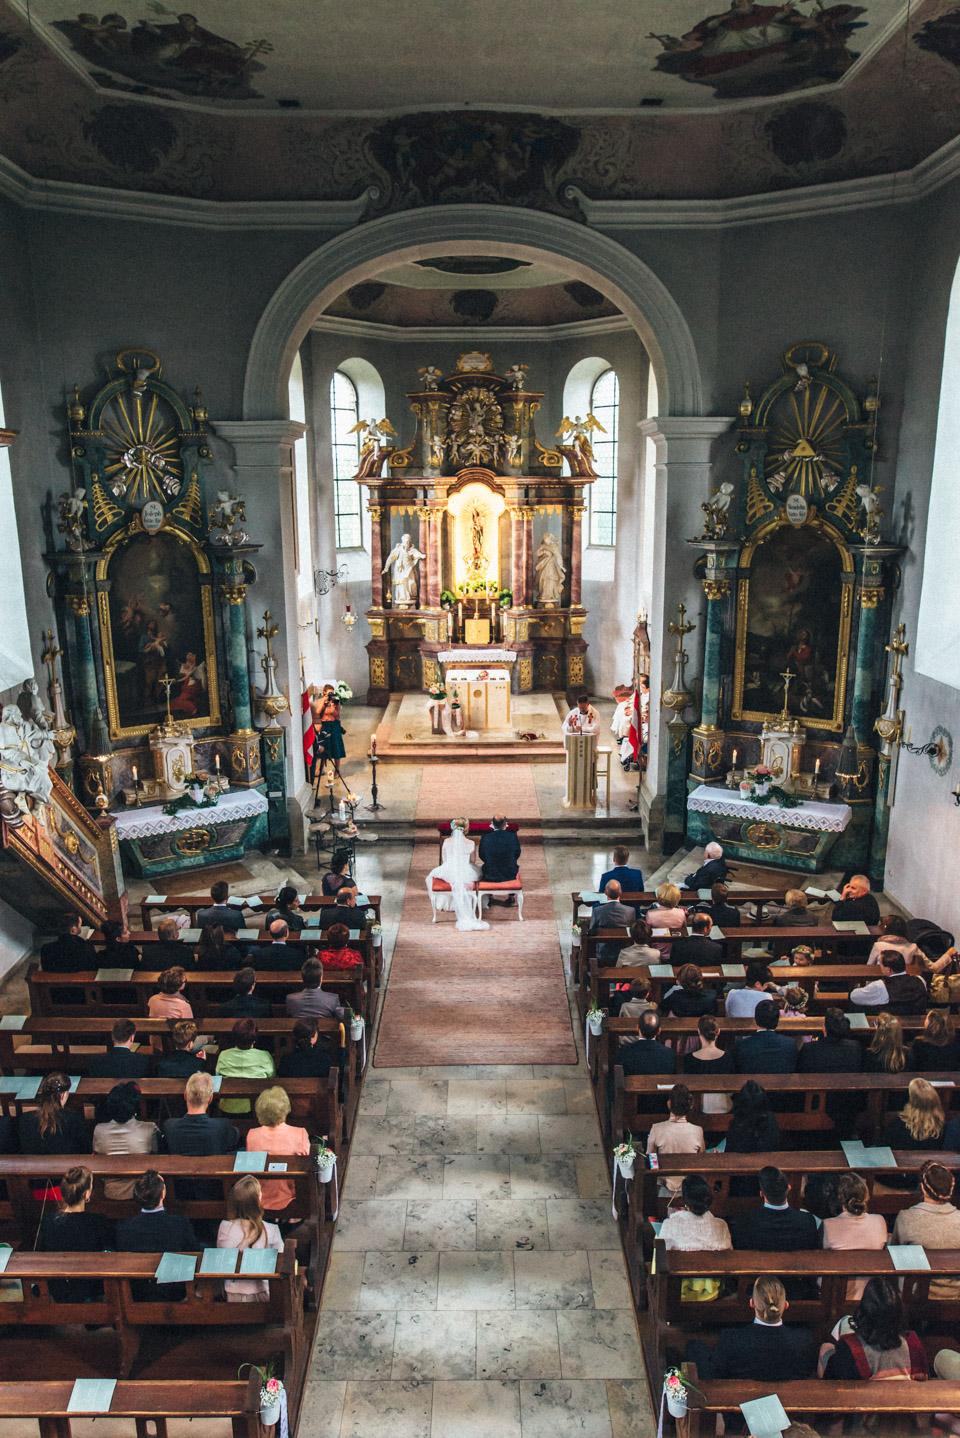 diy-wedding-bayern-74 Isabell & Tomaj Vintage DIY Hochzeit in Bayerndiy wedding bayern 74